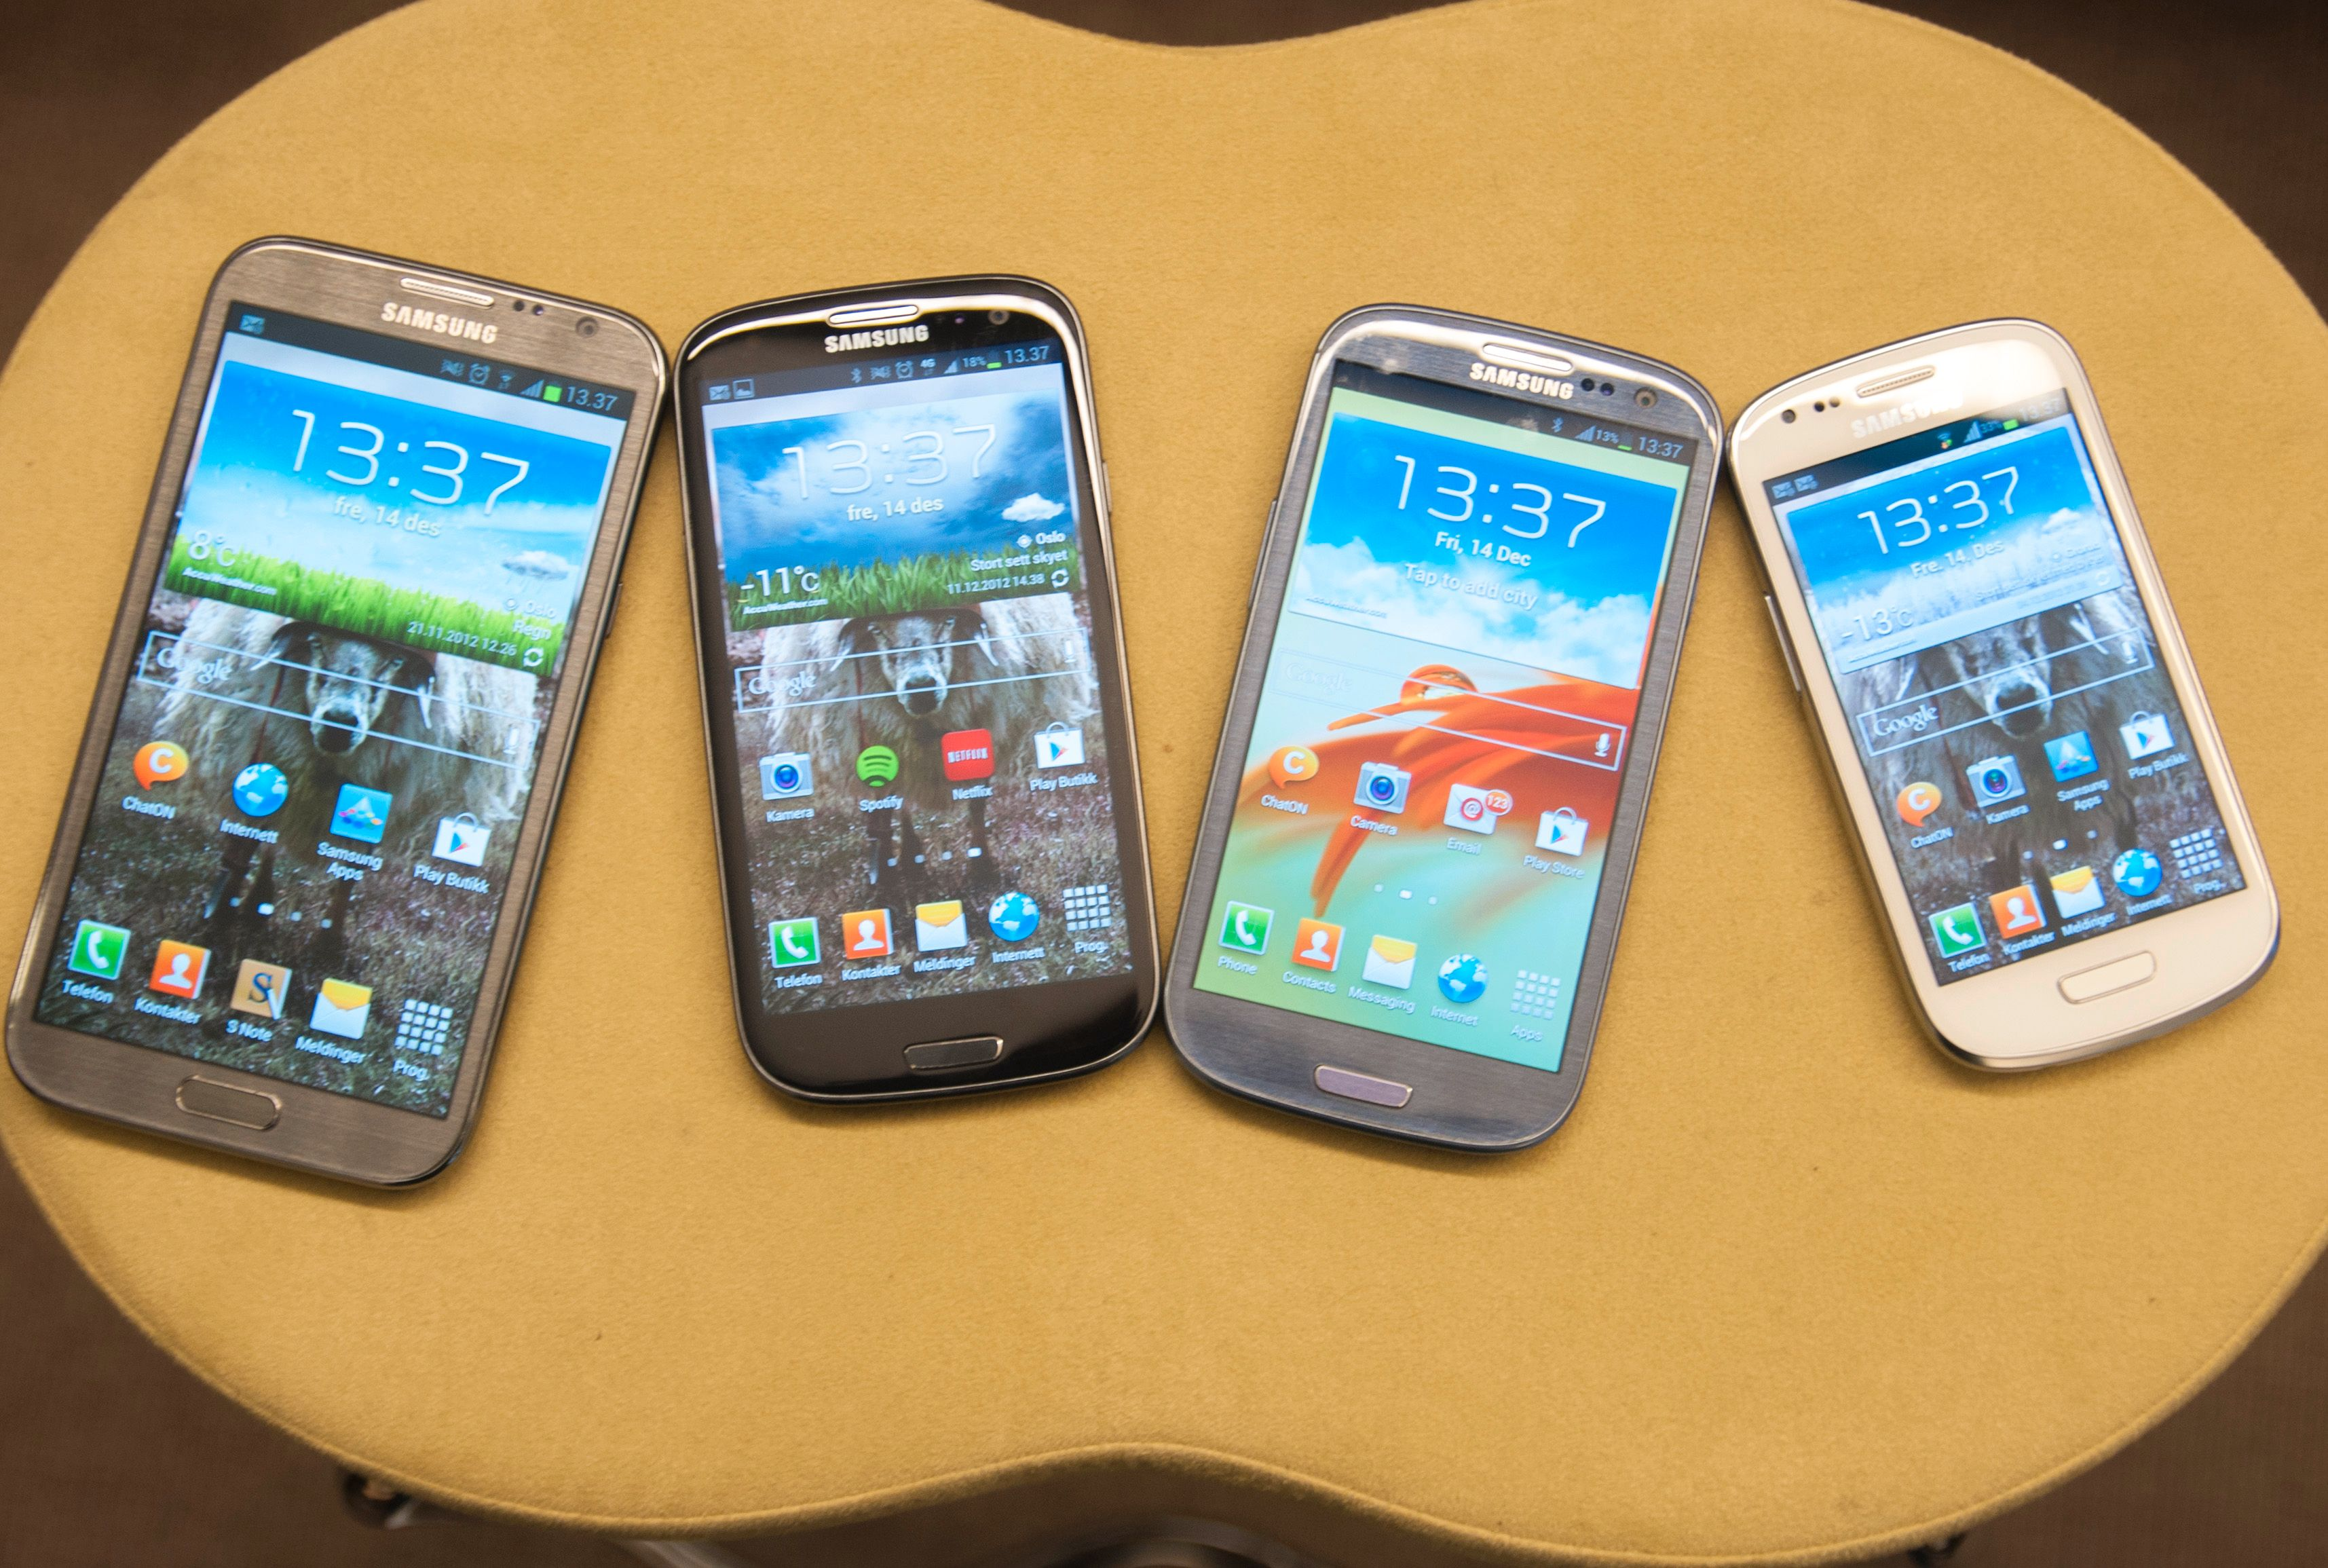 Fire galakser – fra venstre; Galaxy Note II, Galaxy S III 4G, Galaxy S III og Galaxy S III Mini. Sistnevnte hører egentlig ikke hjemme i dette selskapet.